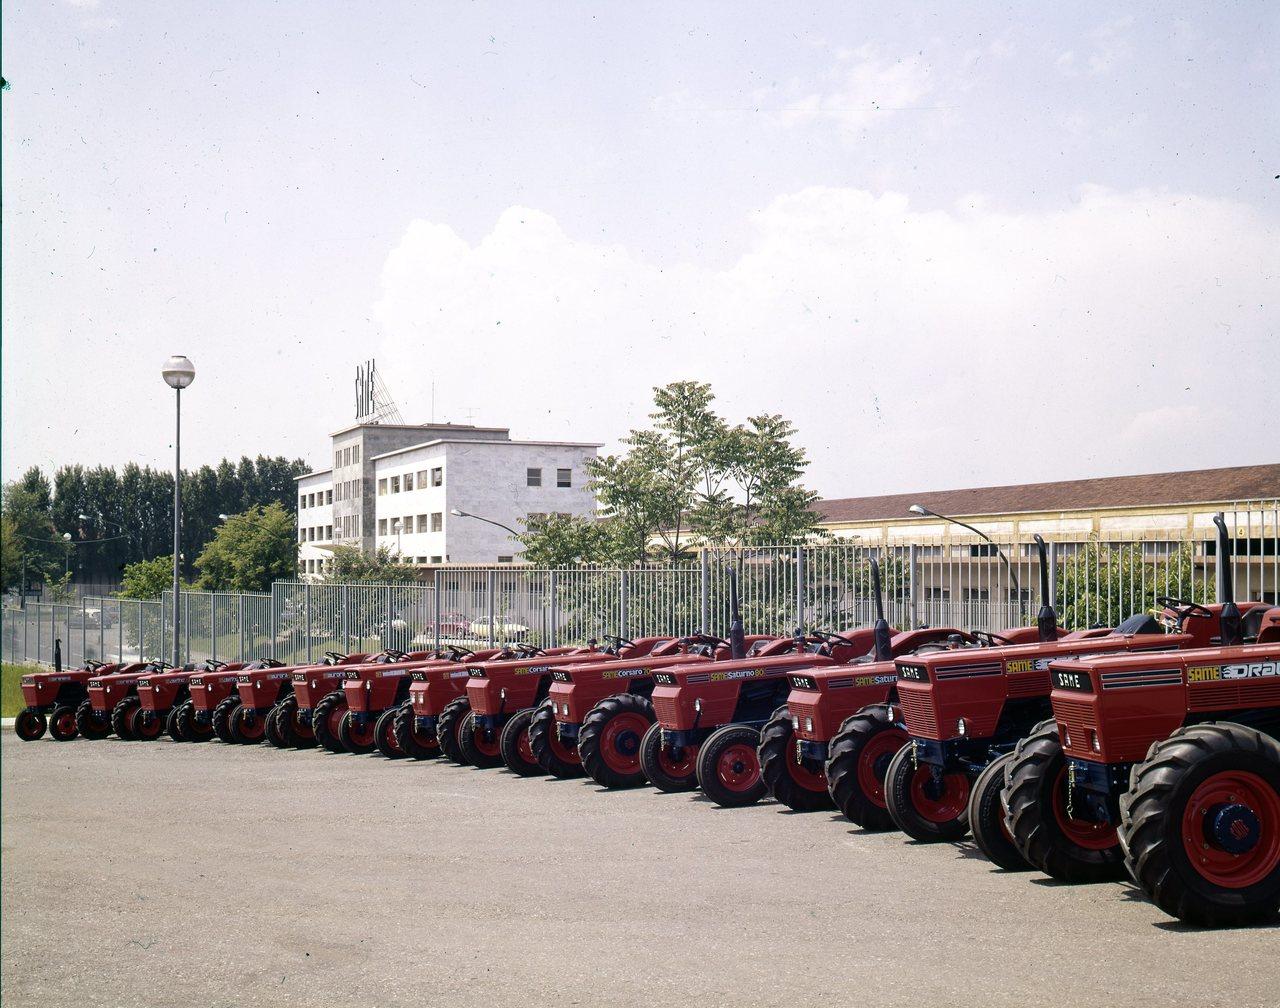 [SAME] Parata di trattori davanti allo stabilimento - Treviglio (BG), maggio 1972